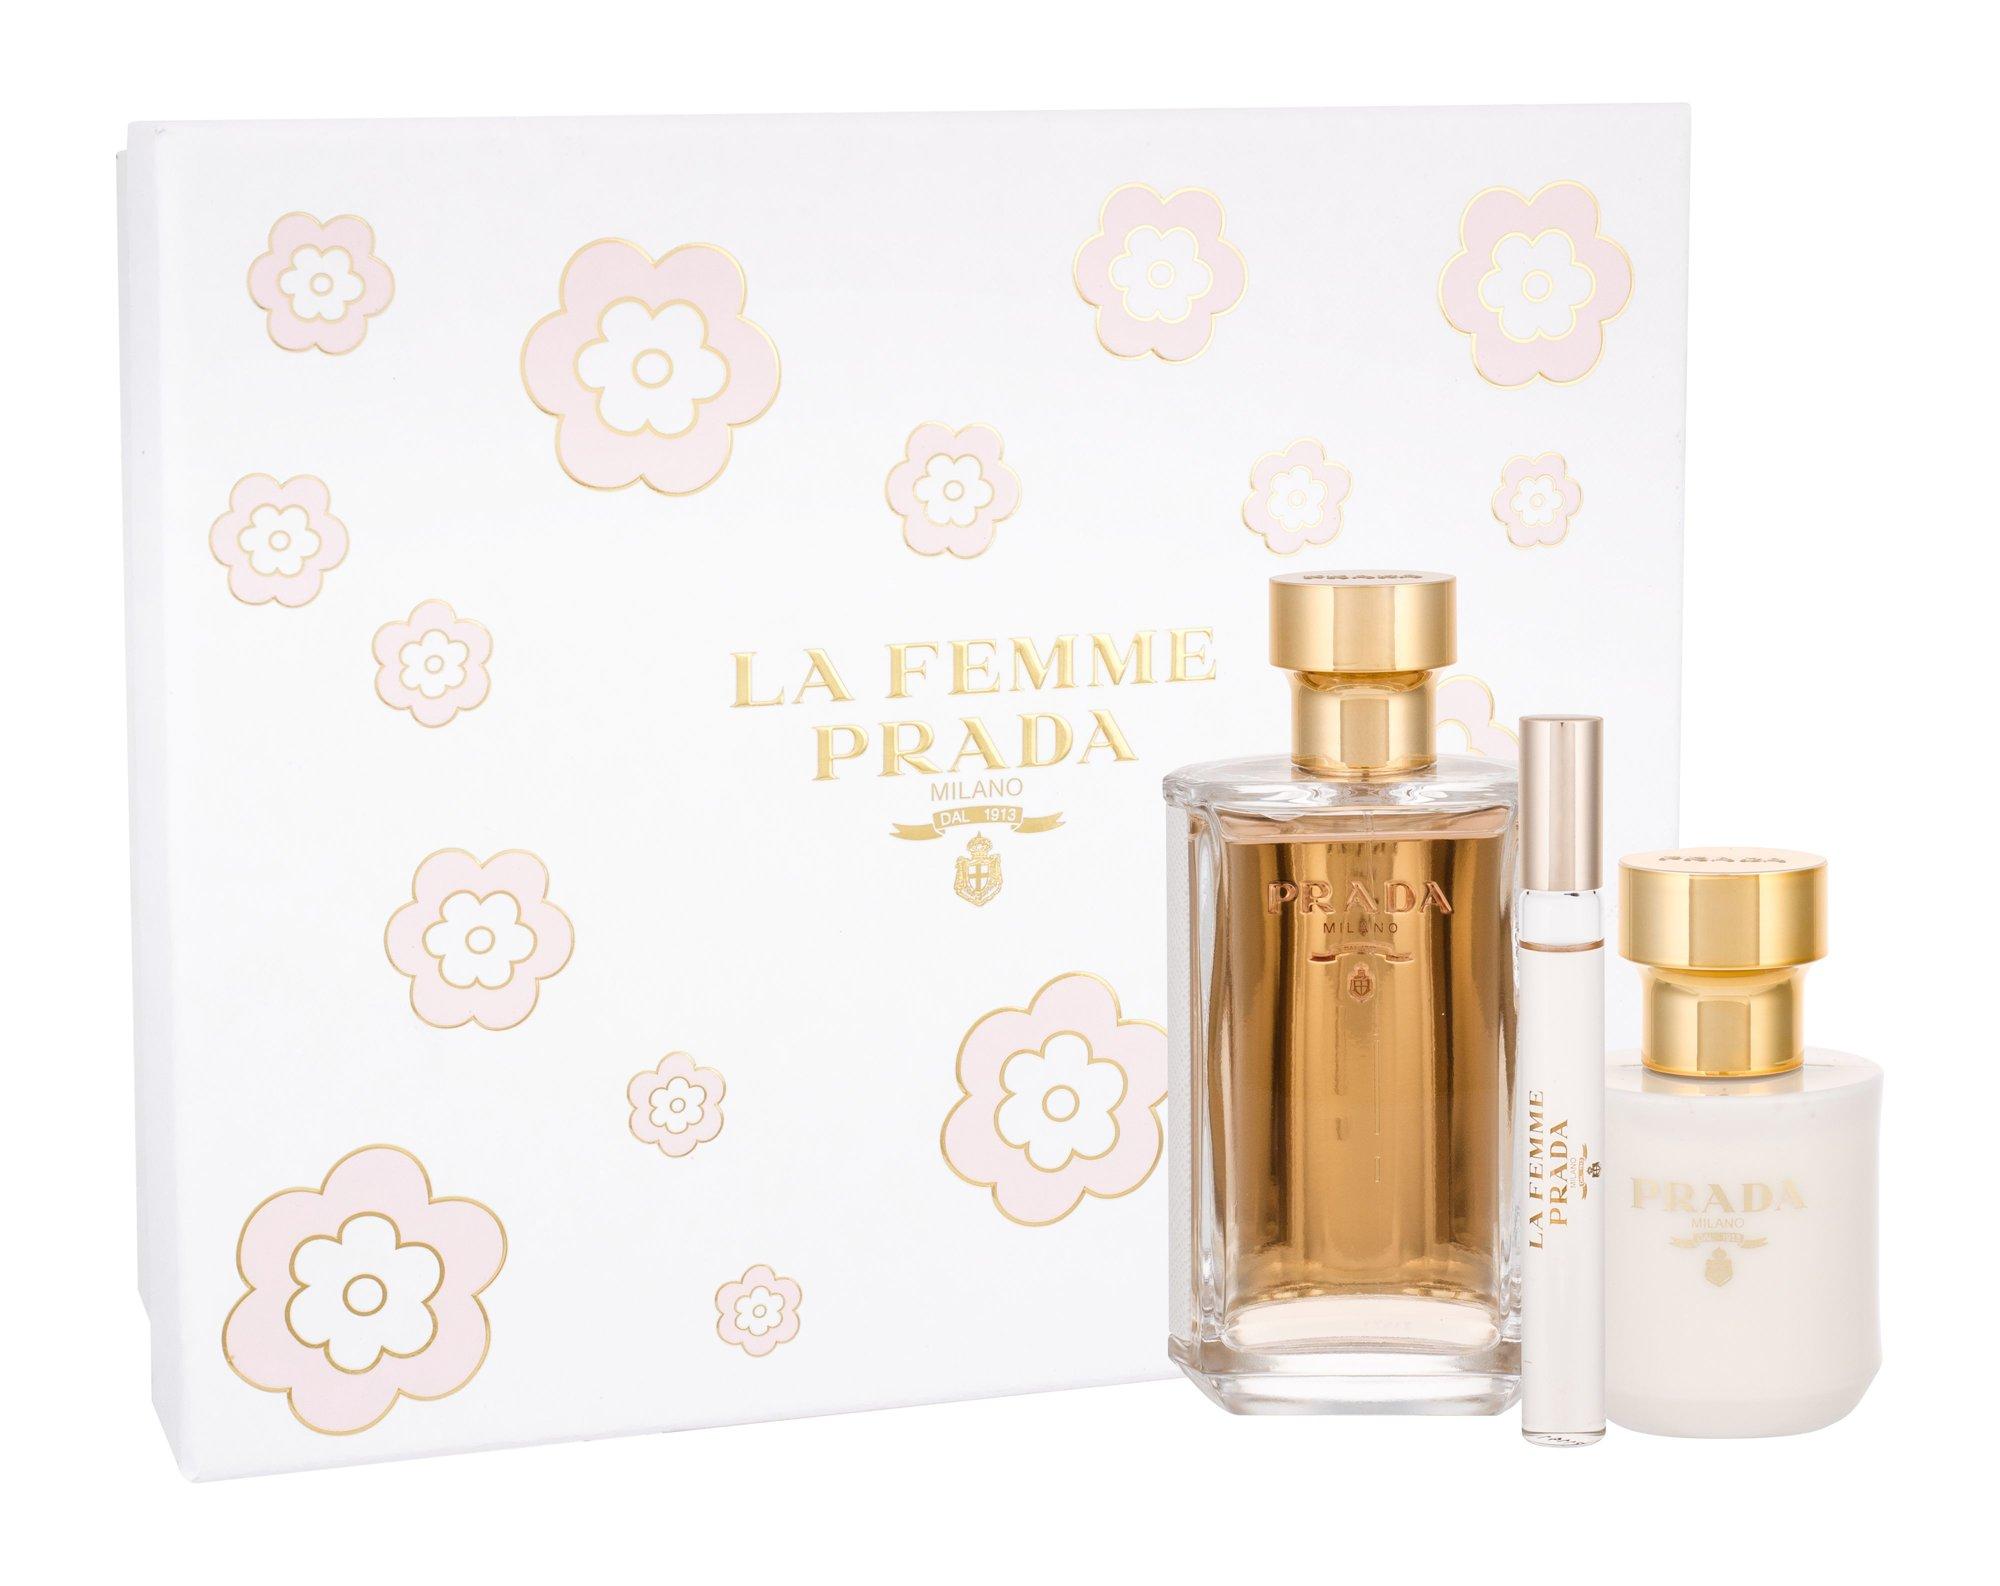 Prada La Femme, parfumovaná voda 100 ml + parfumovaná voda 10 ml + telové mlieko 100 ml